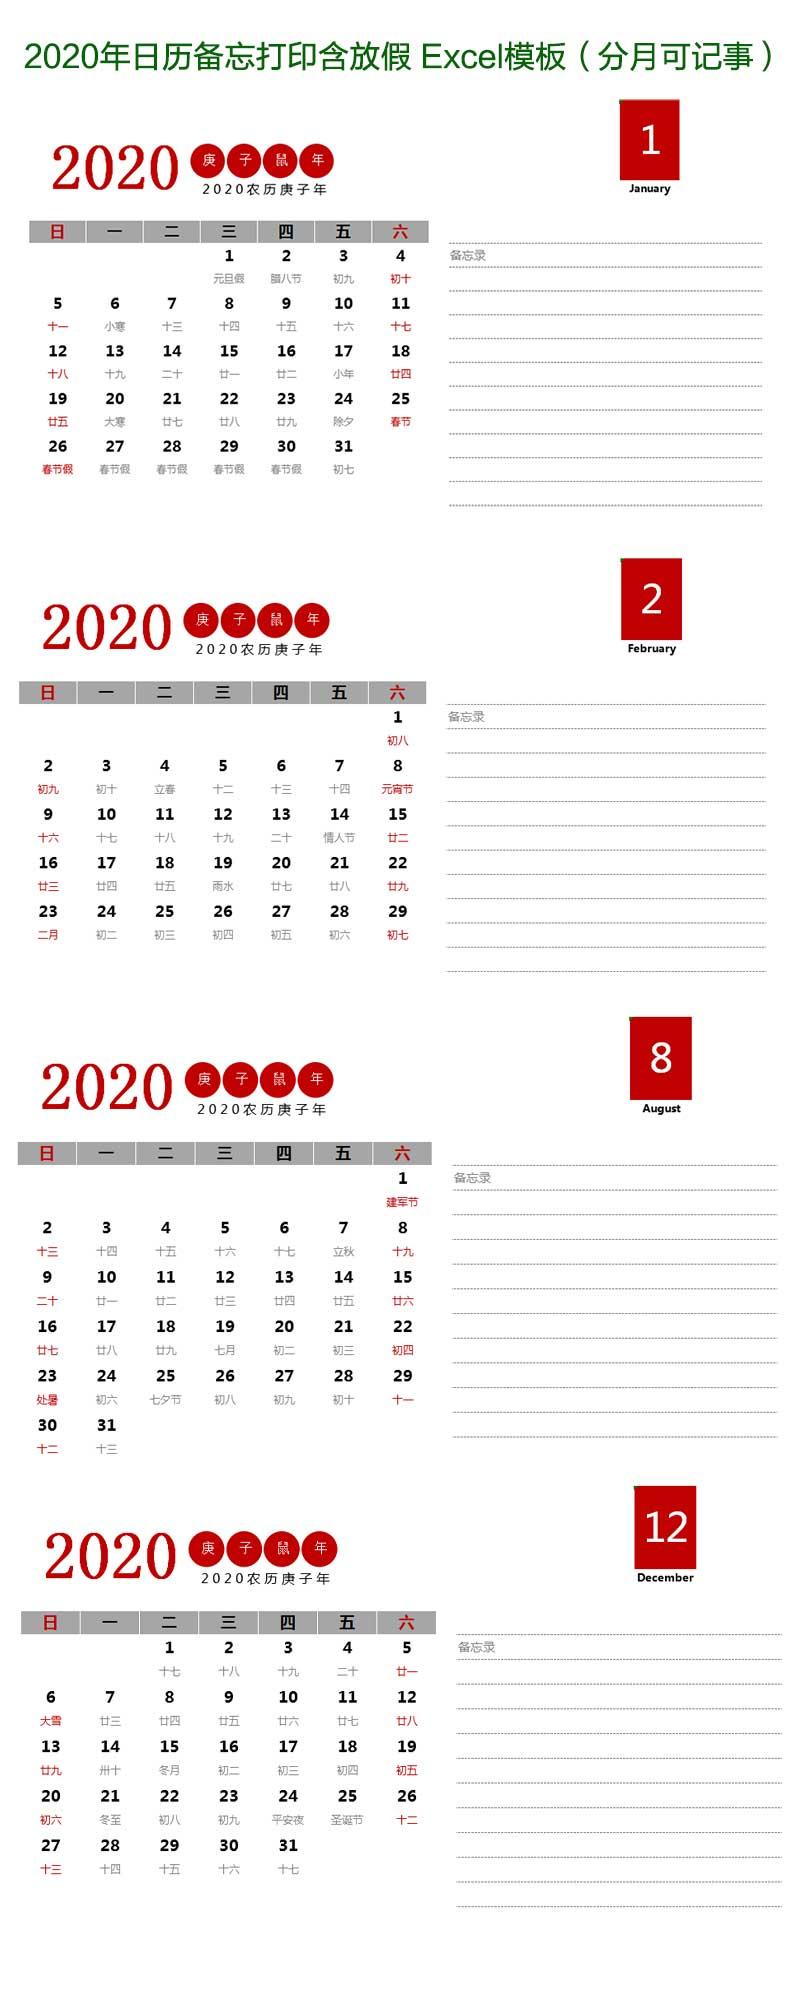 2020年日历备忘打印含放假excel模板(分月可记事)